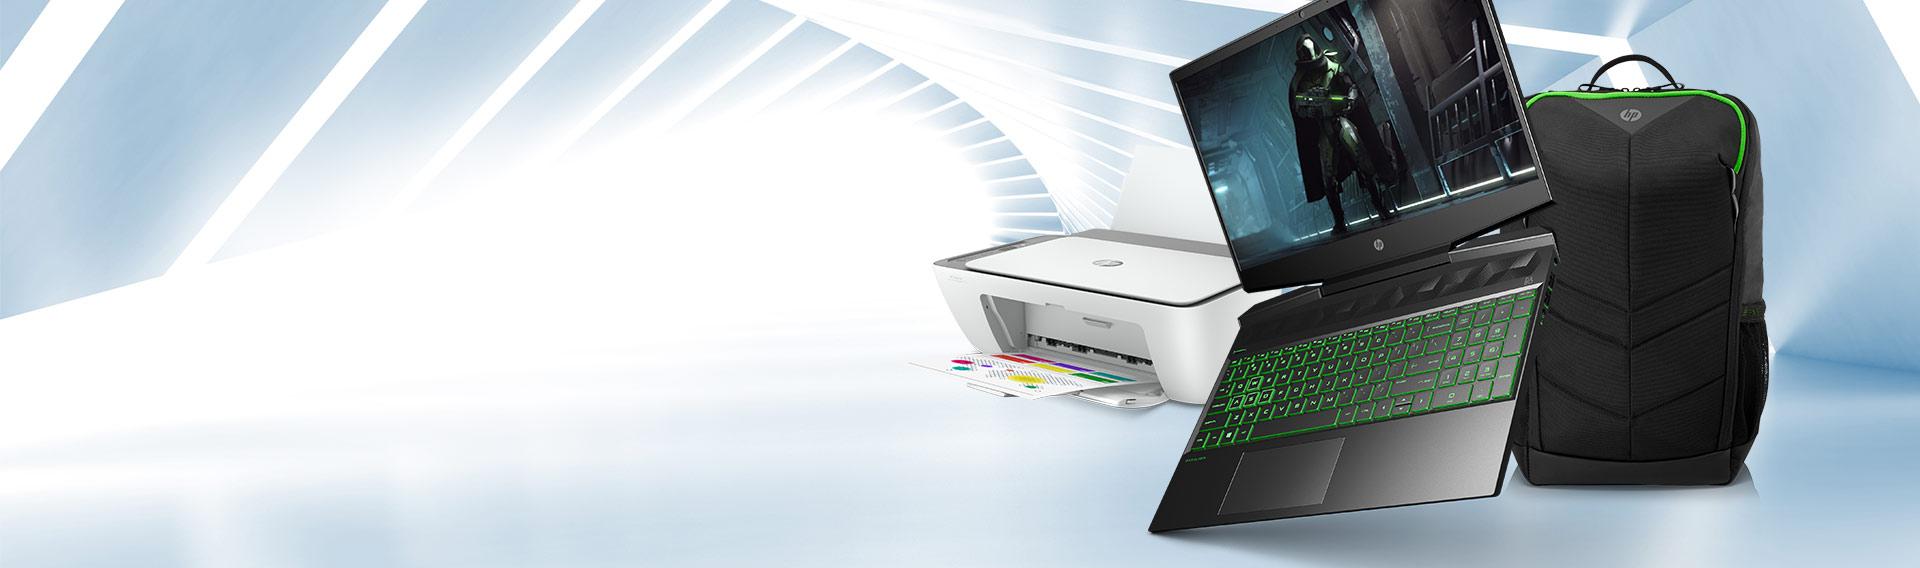 Nuevo Año. Nueva Tecnología. Es momento. Ahorra hasta 20%* en nueva tecnología HP.